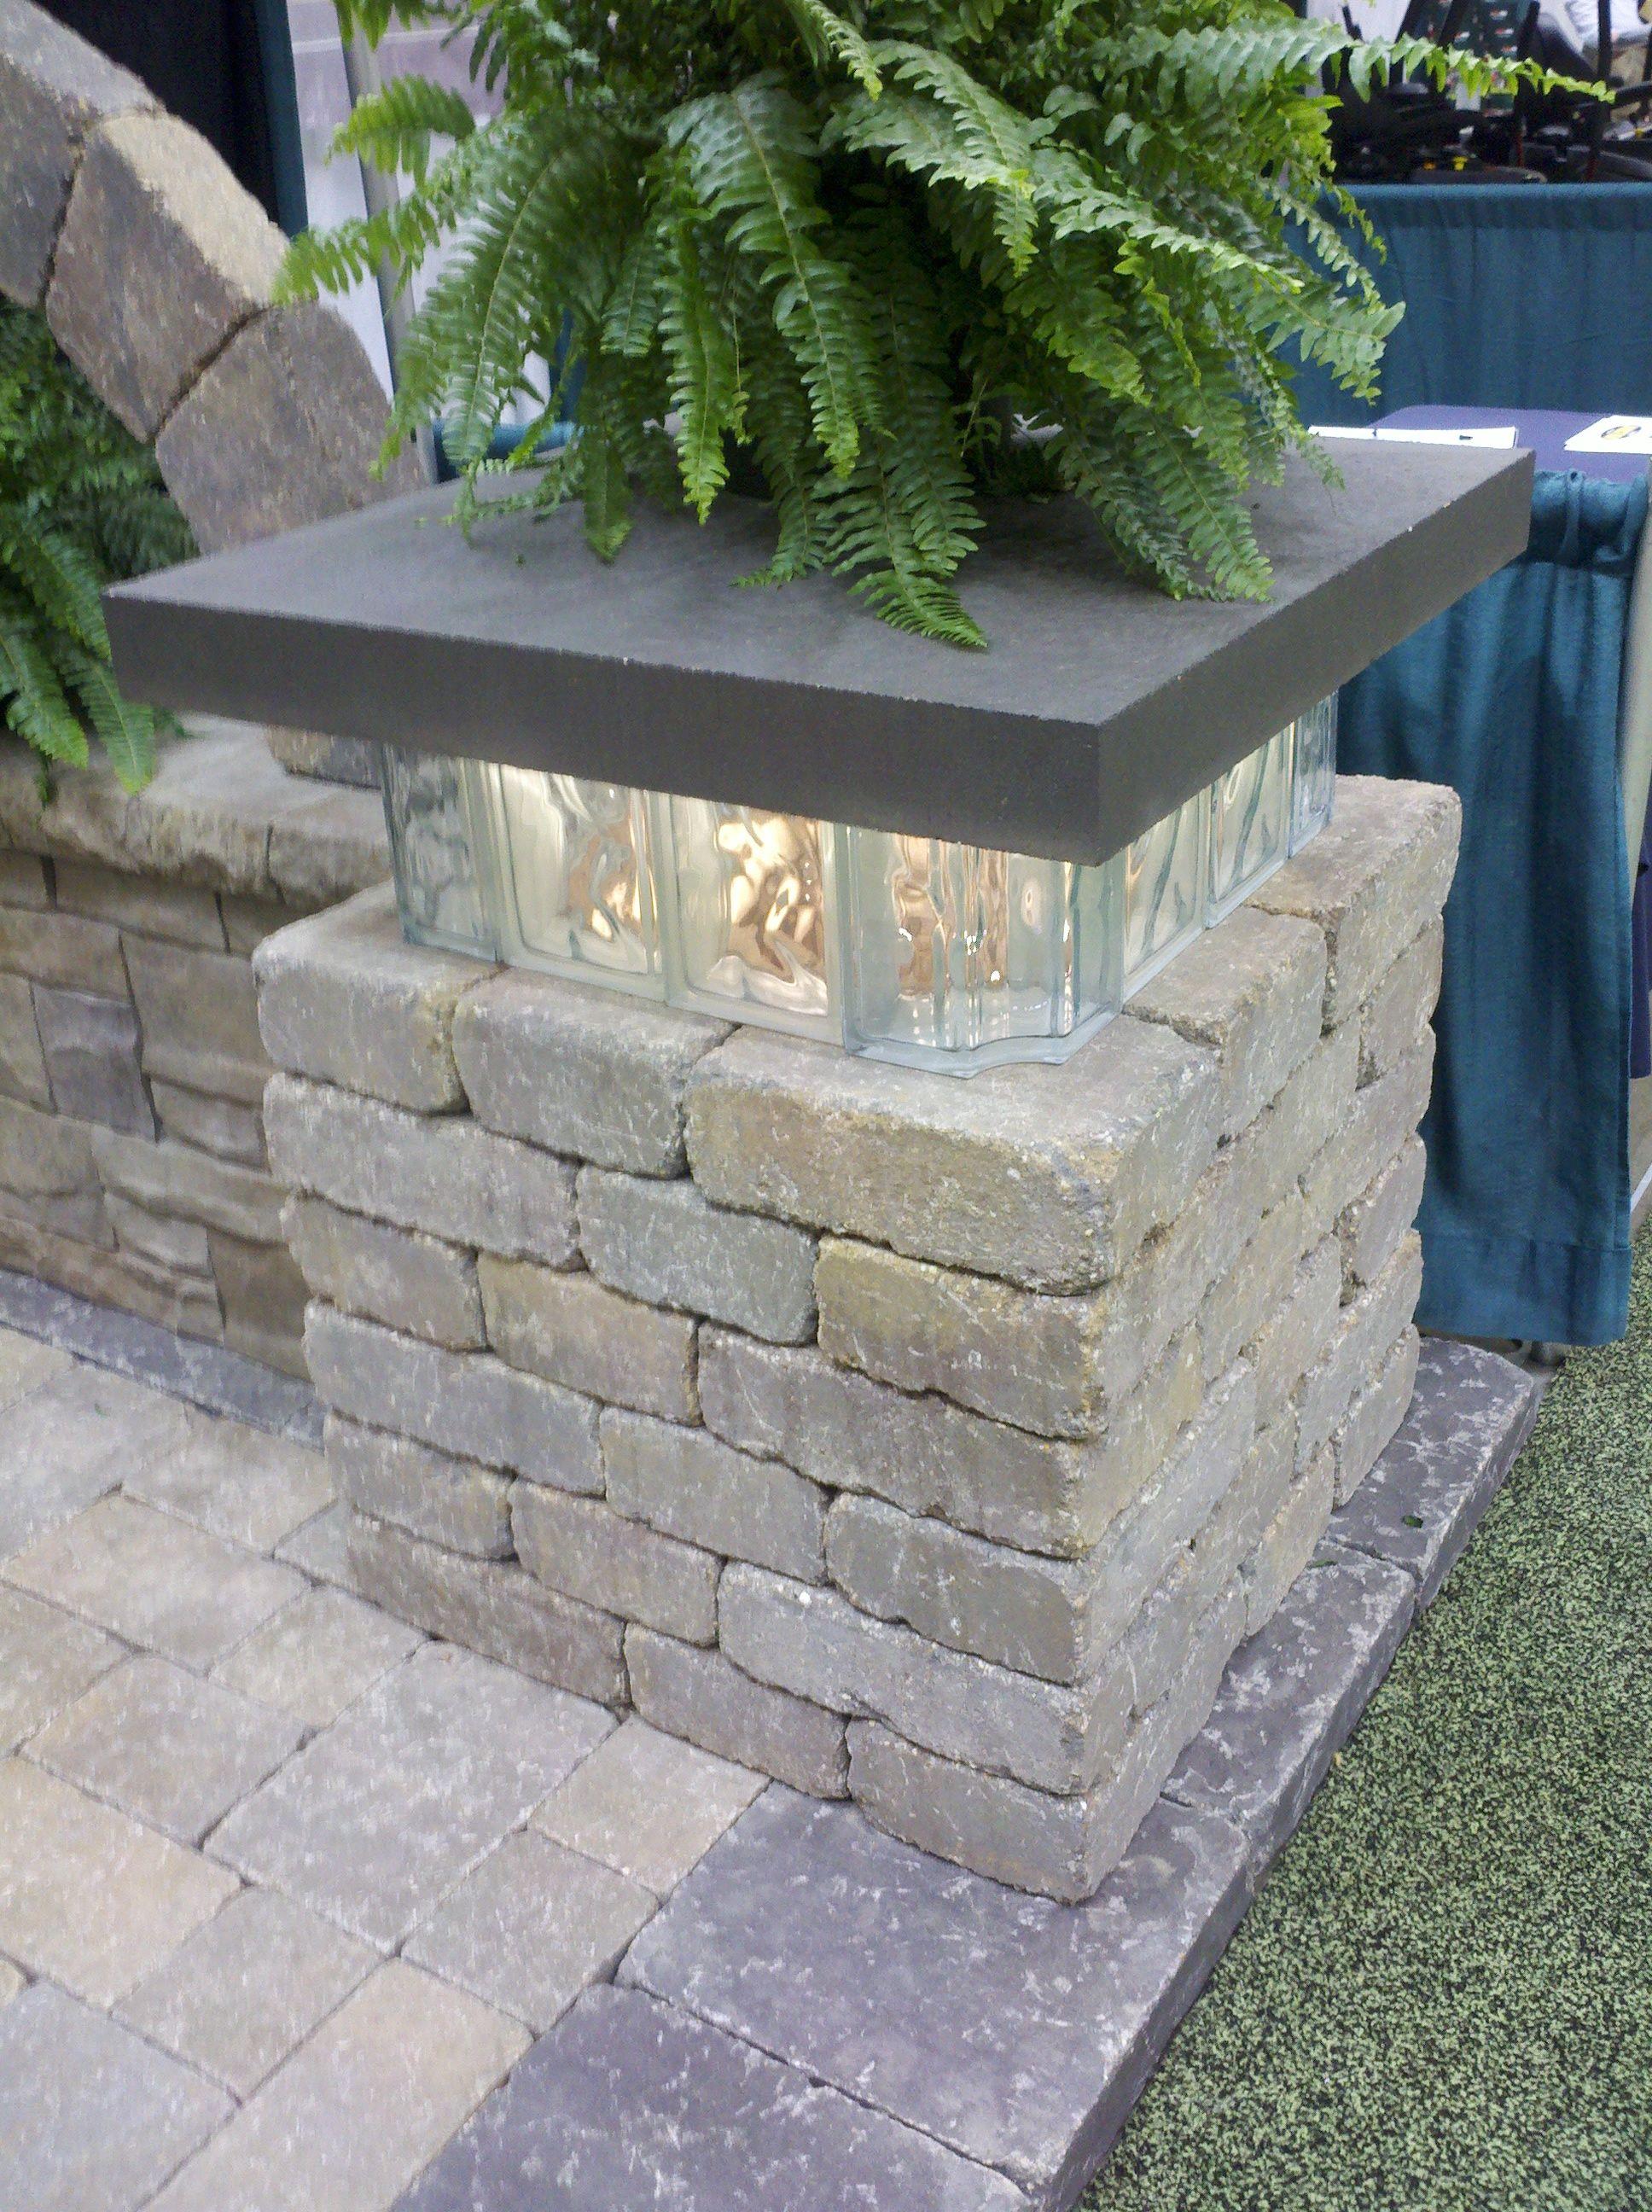 deco originale avec des briques de verre des briques de verres pour sublimer votre interieur